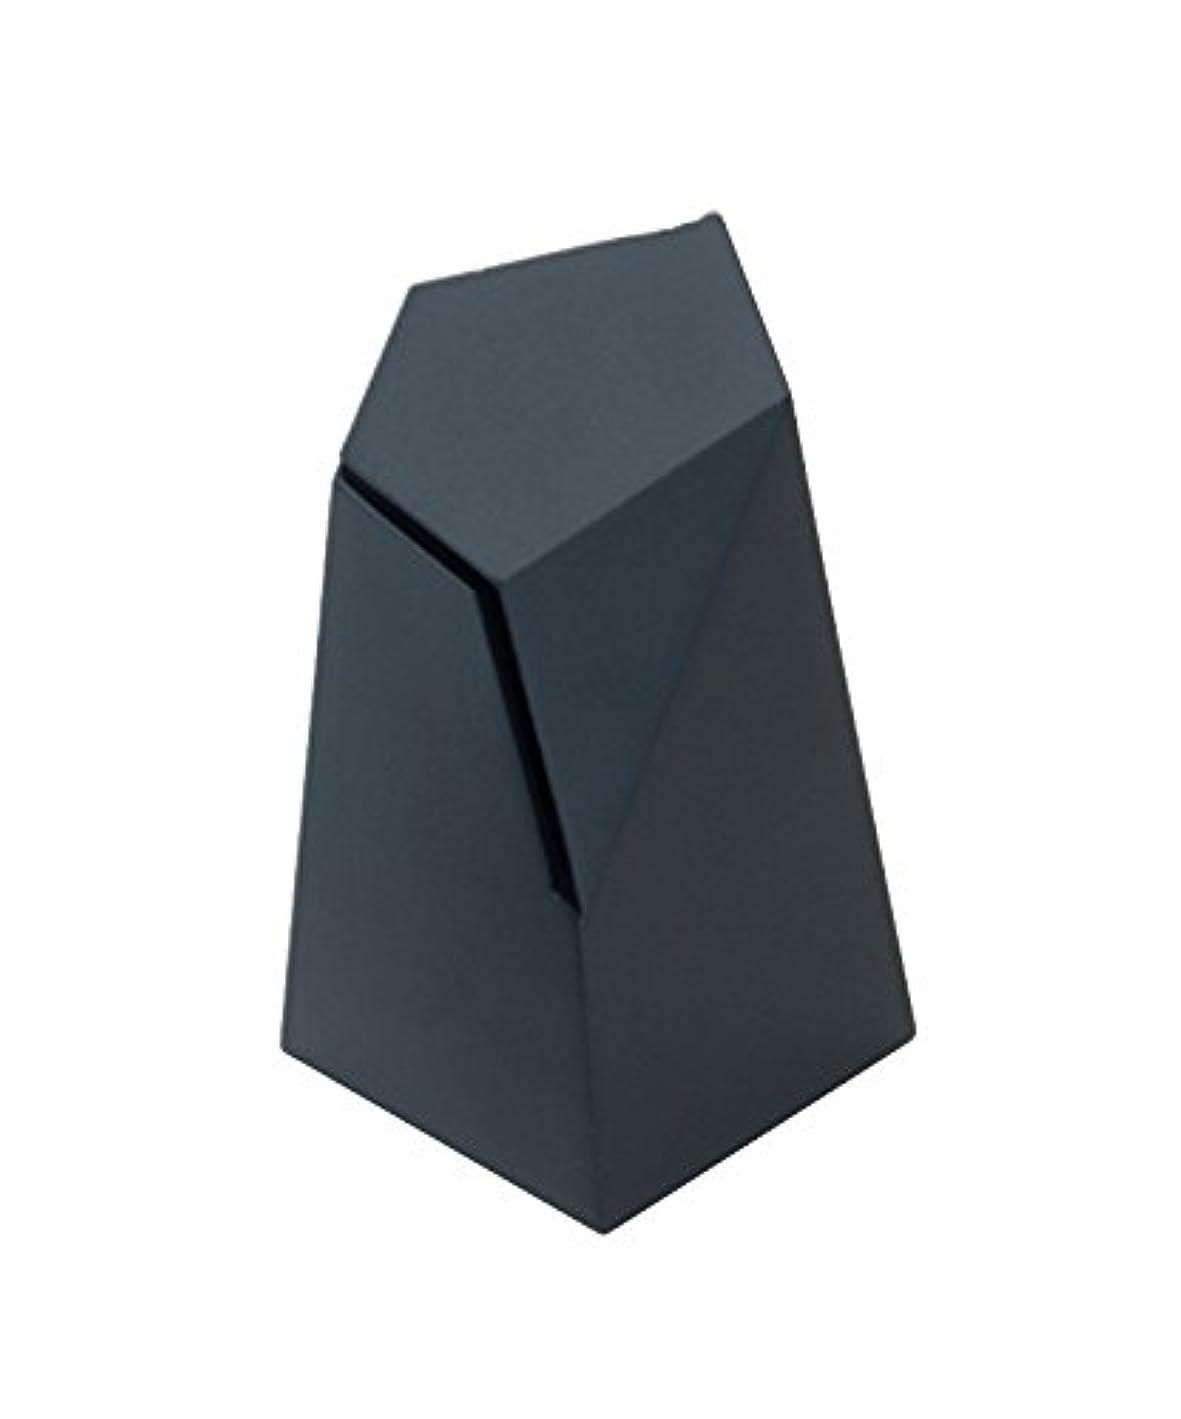 エラーご予約主導権ナガエ Oyster incenseインセンスホルダー 香炉S ブラック